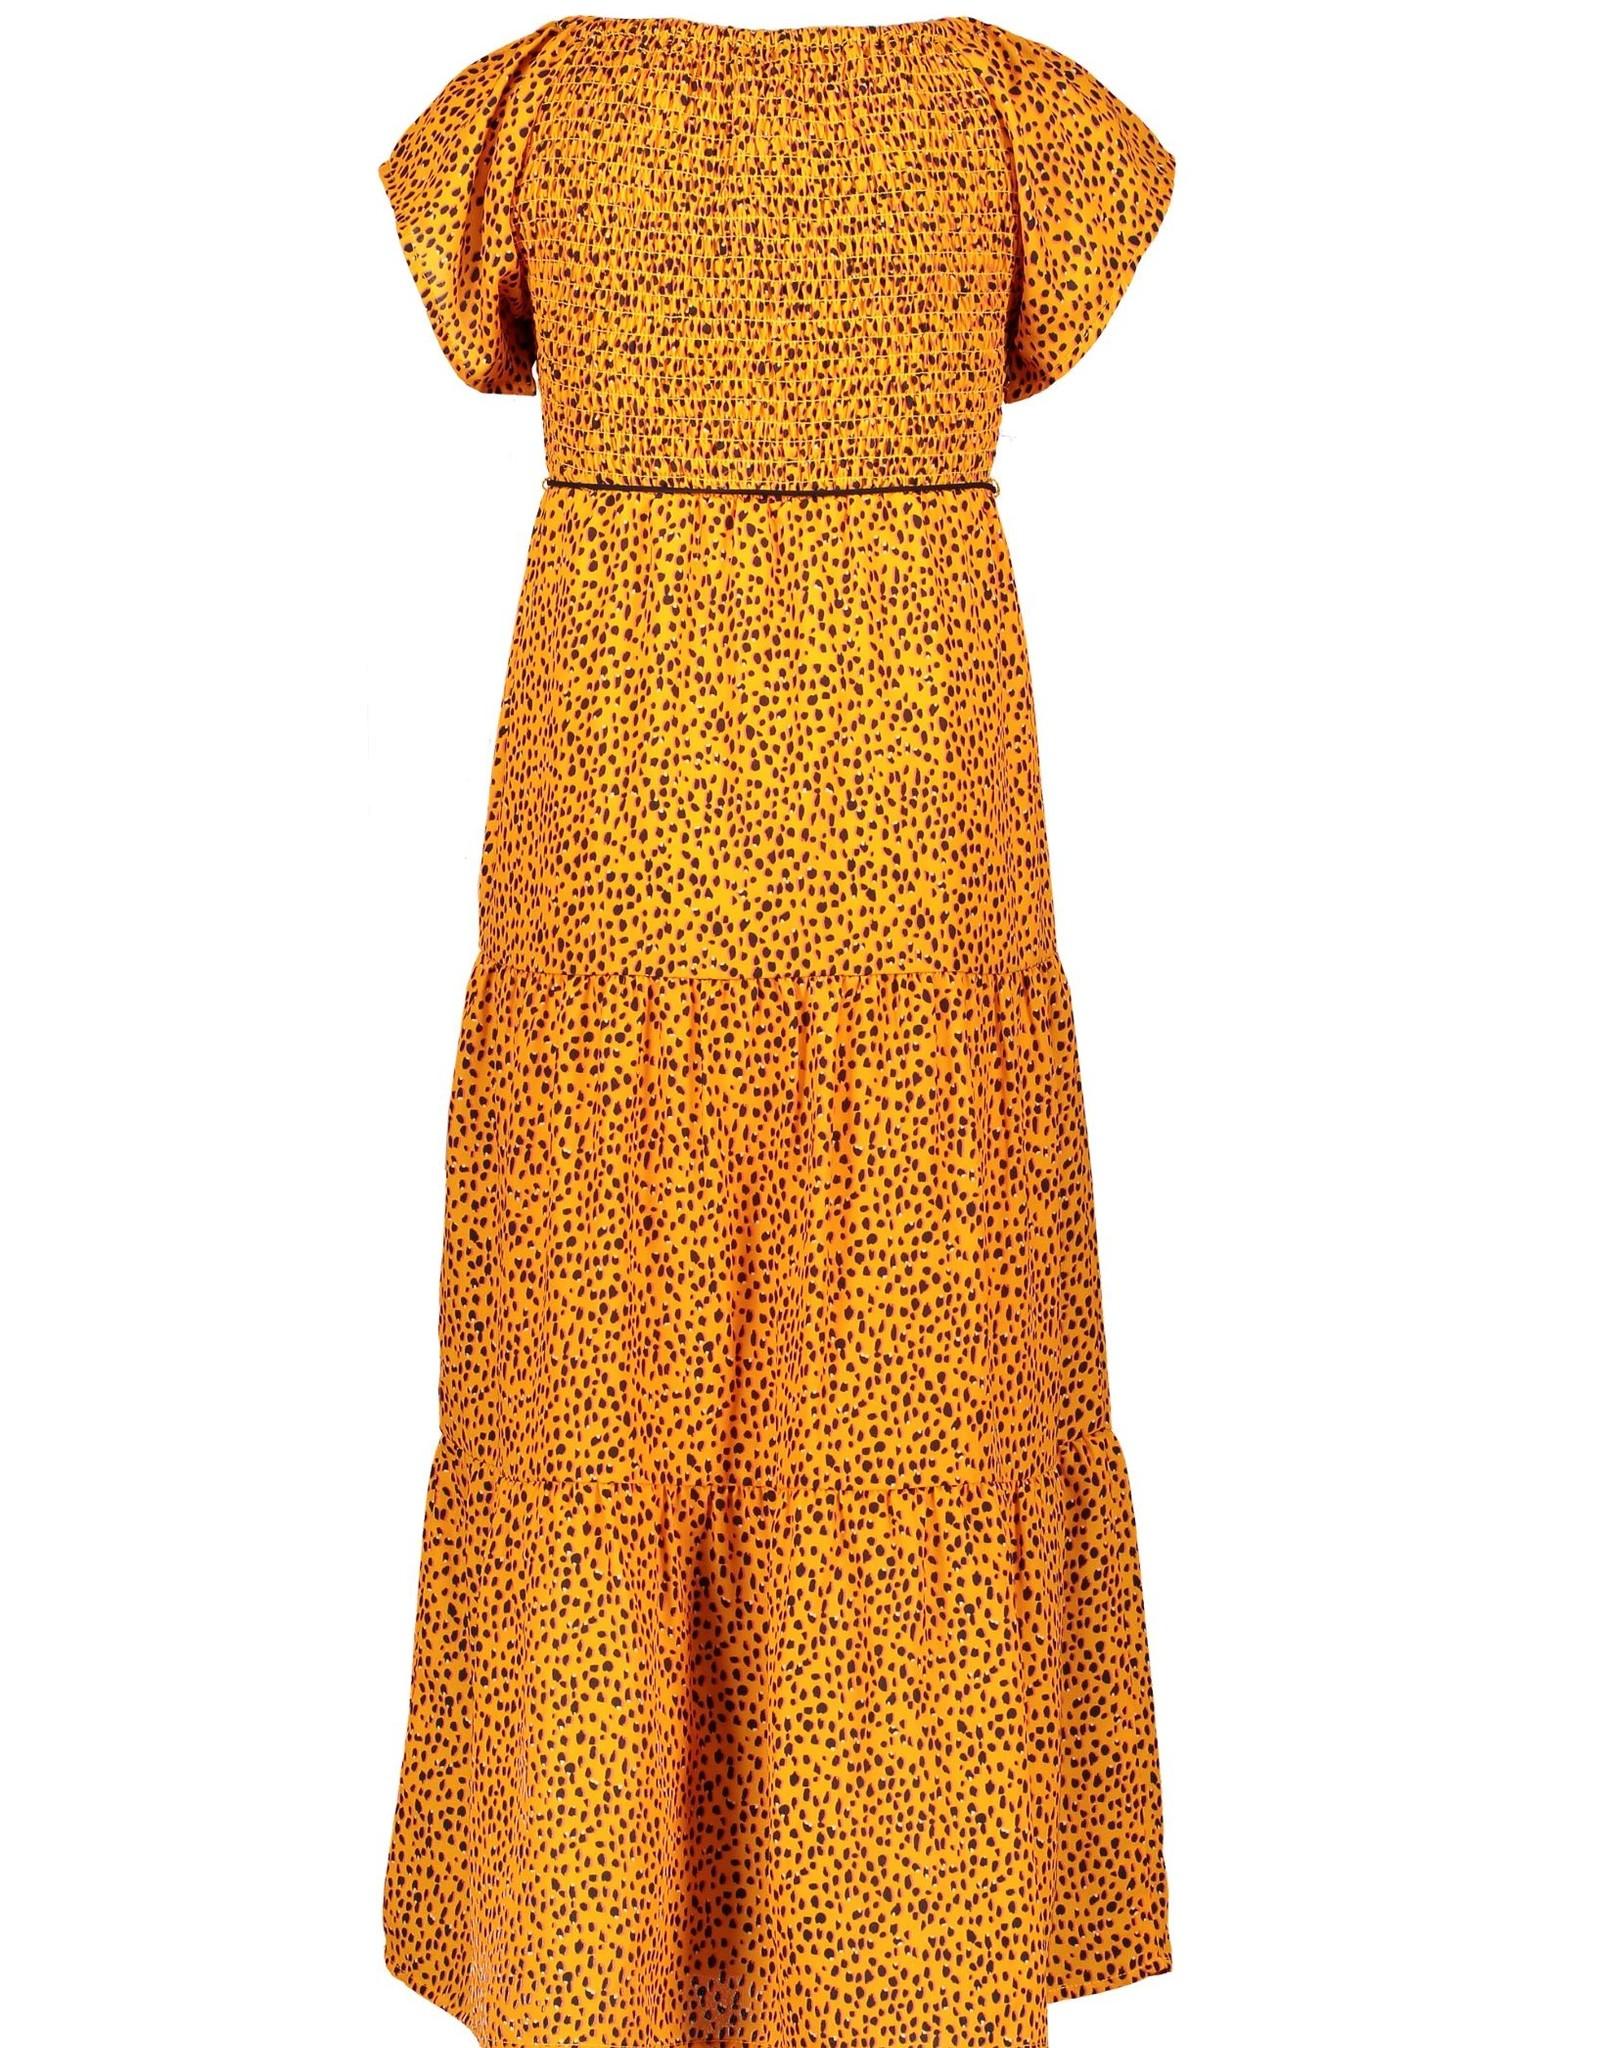 NONO NONO maxi dress 5805 blazing orange